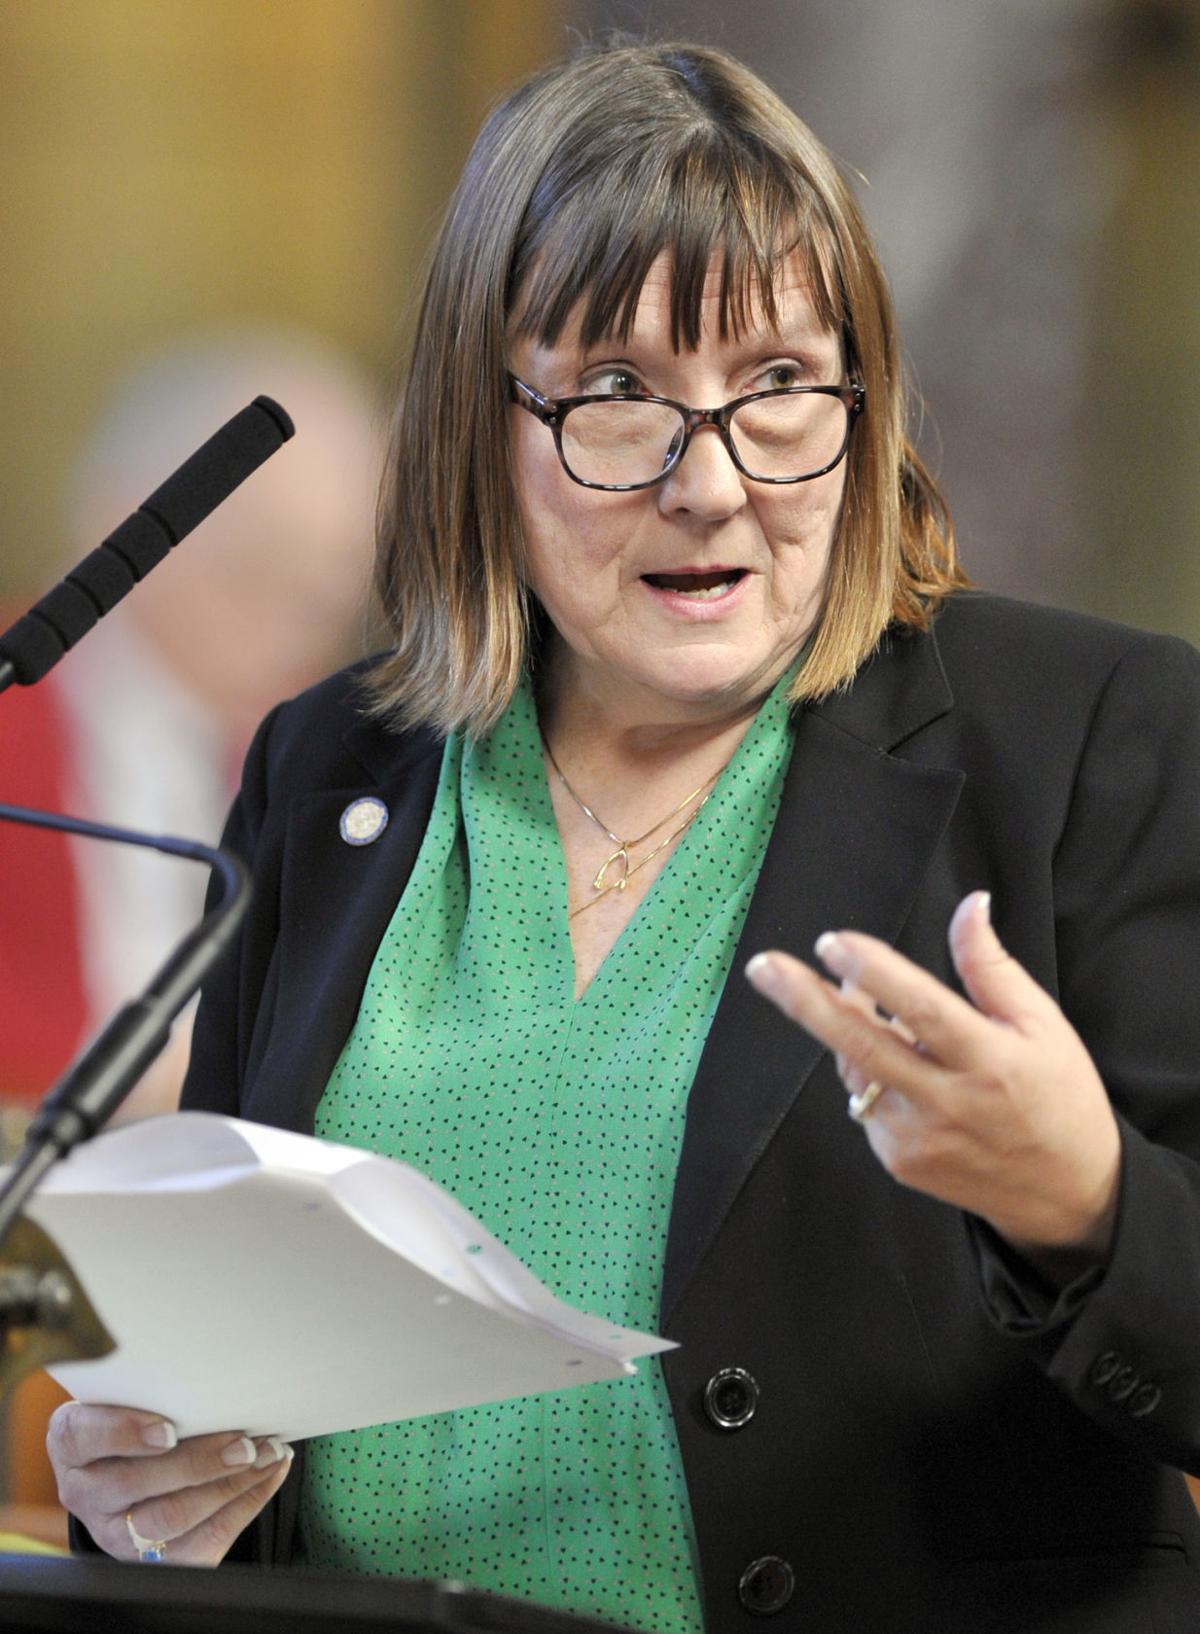 Lydia Brasch